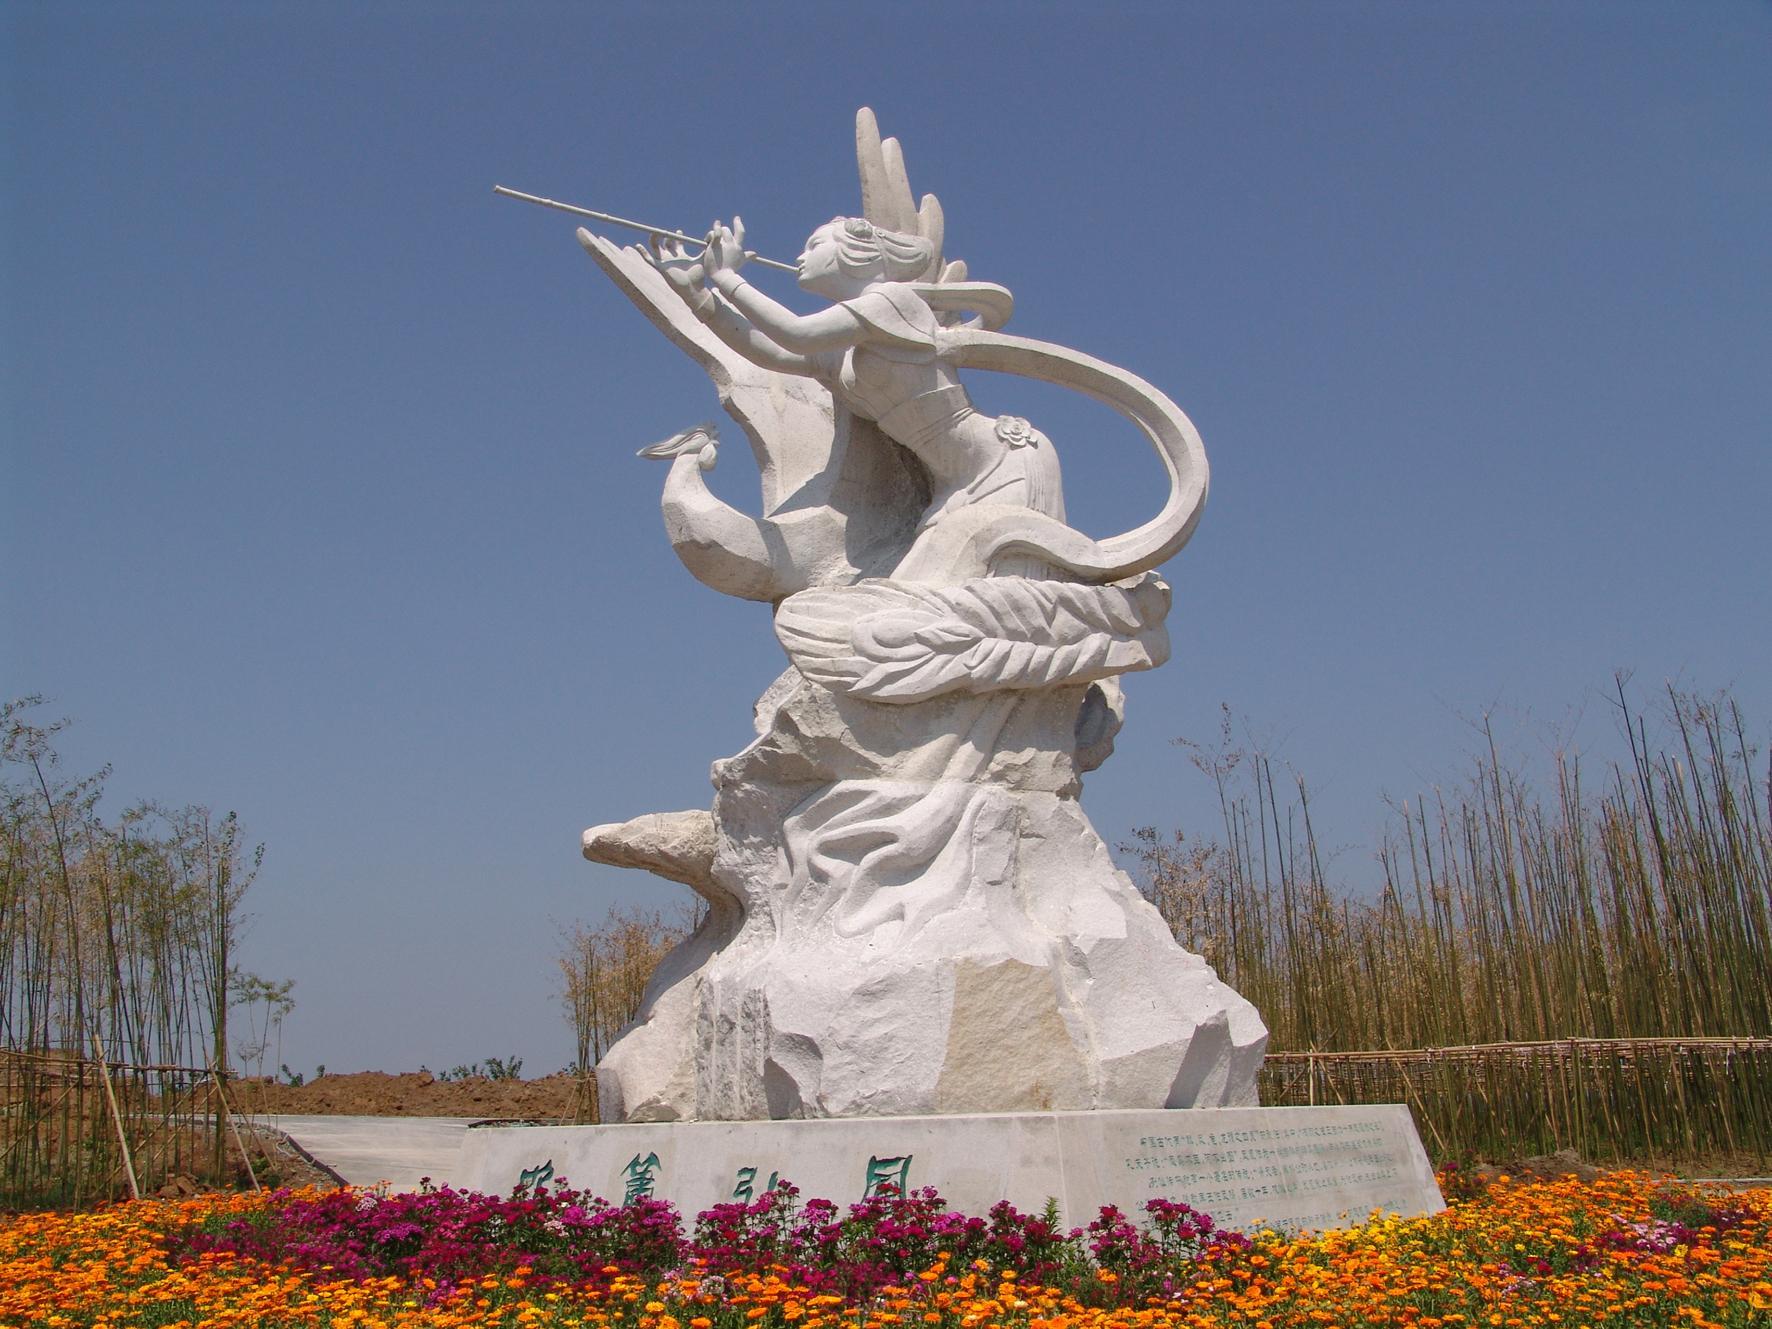 【原创】扬州欢乐自在岛 - 文静 - sdjnzymm的博客